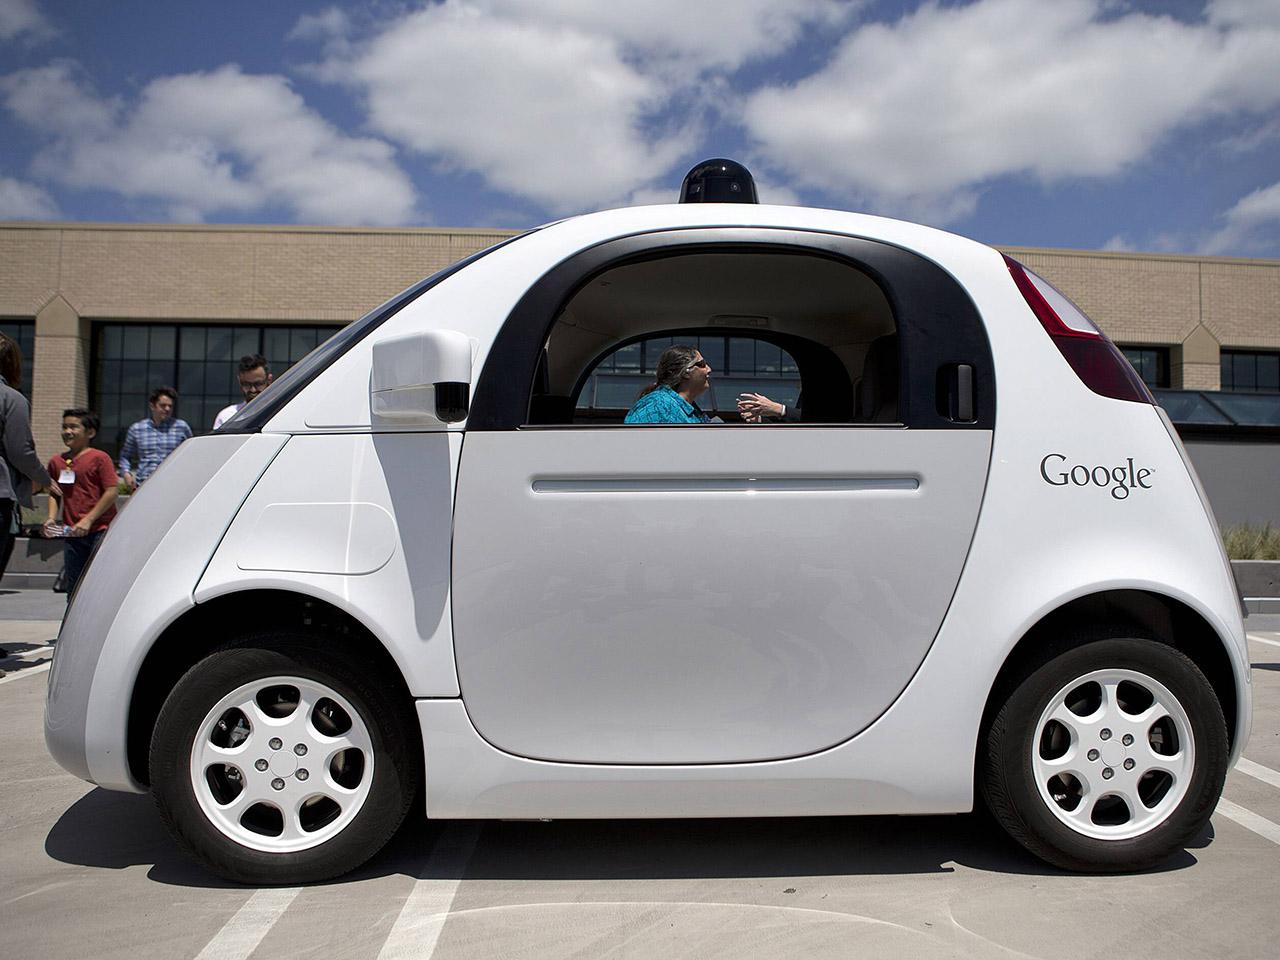 Autobauer fürchten IT-Konzerne